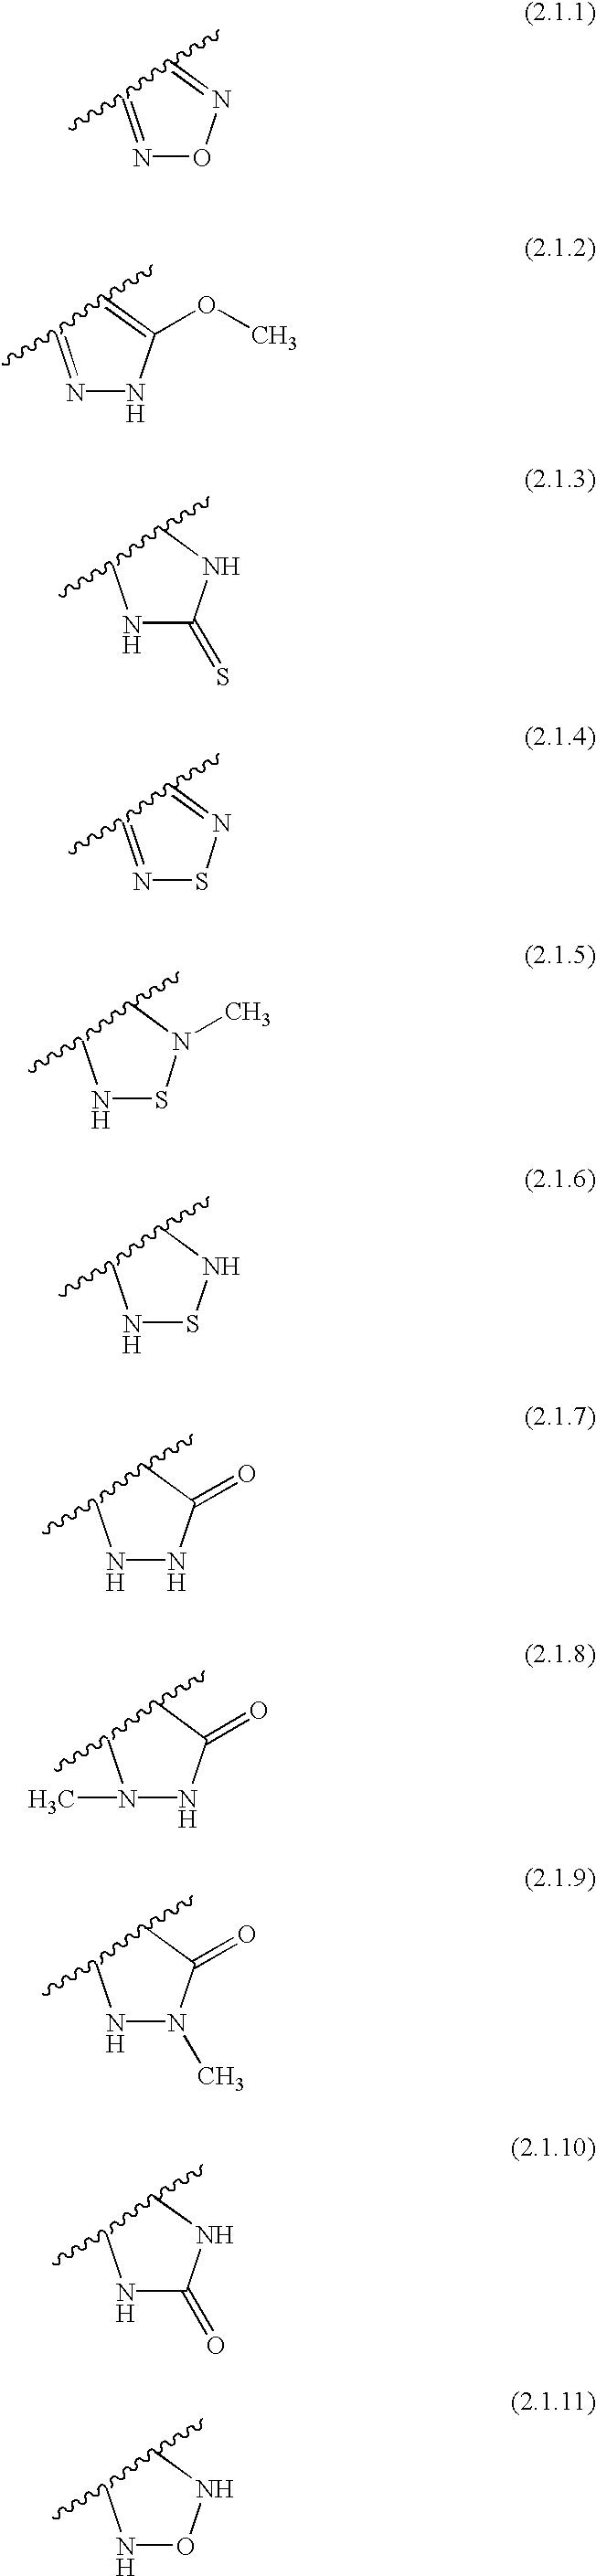 Figure US20020123520A1-20020905-C00077